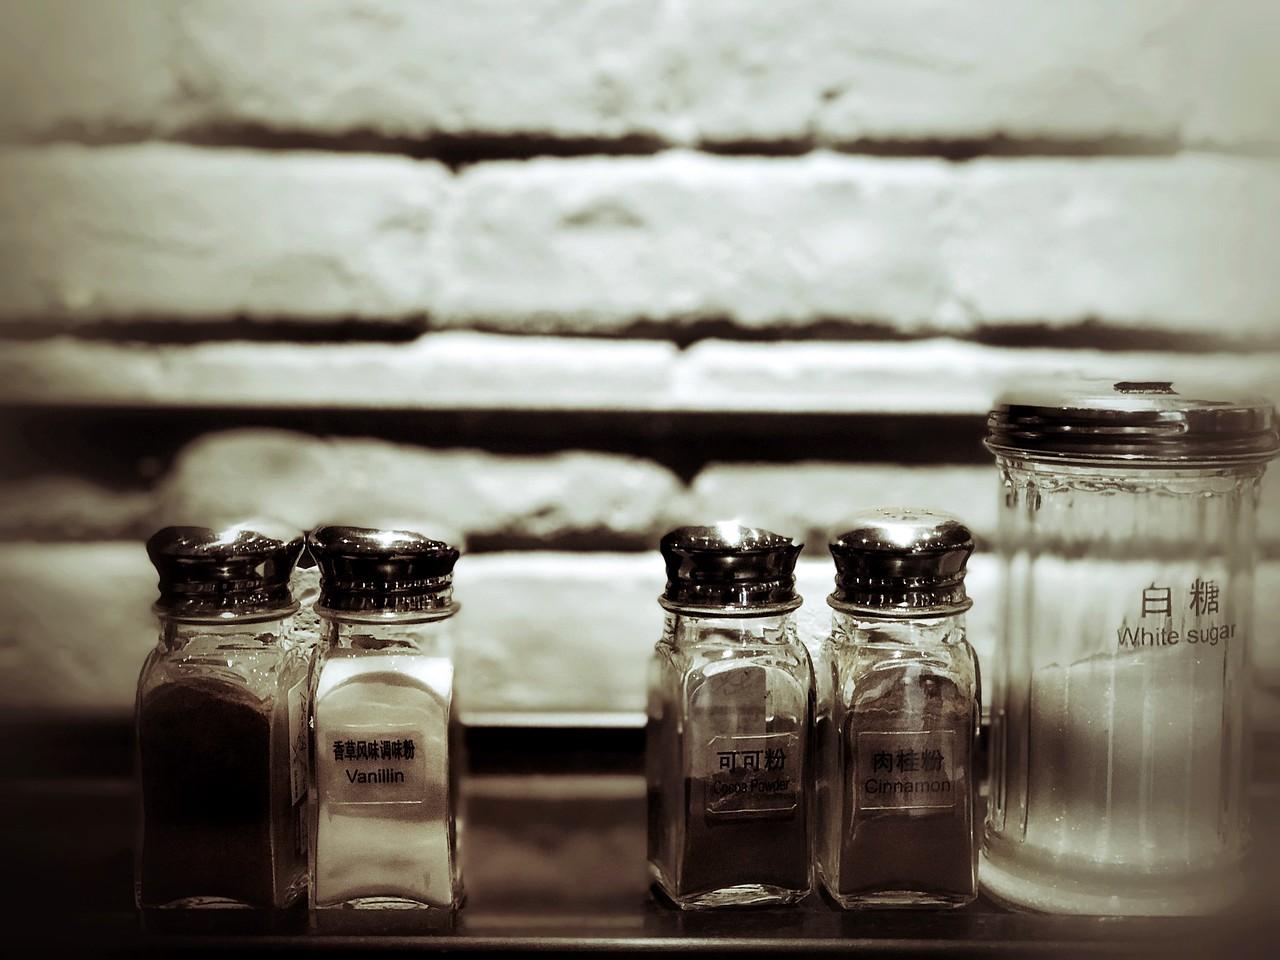 Thursday Mar 01 - Condiments